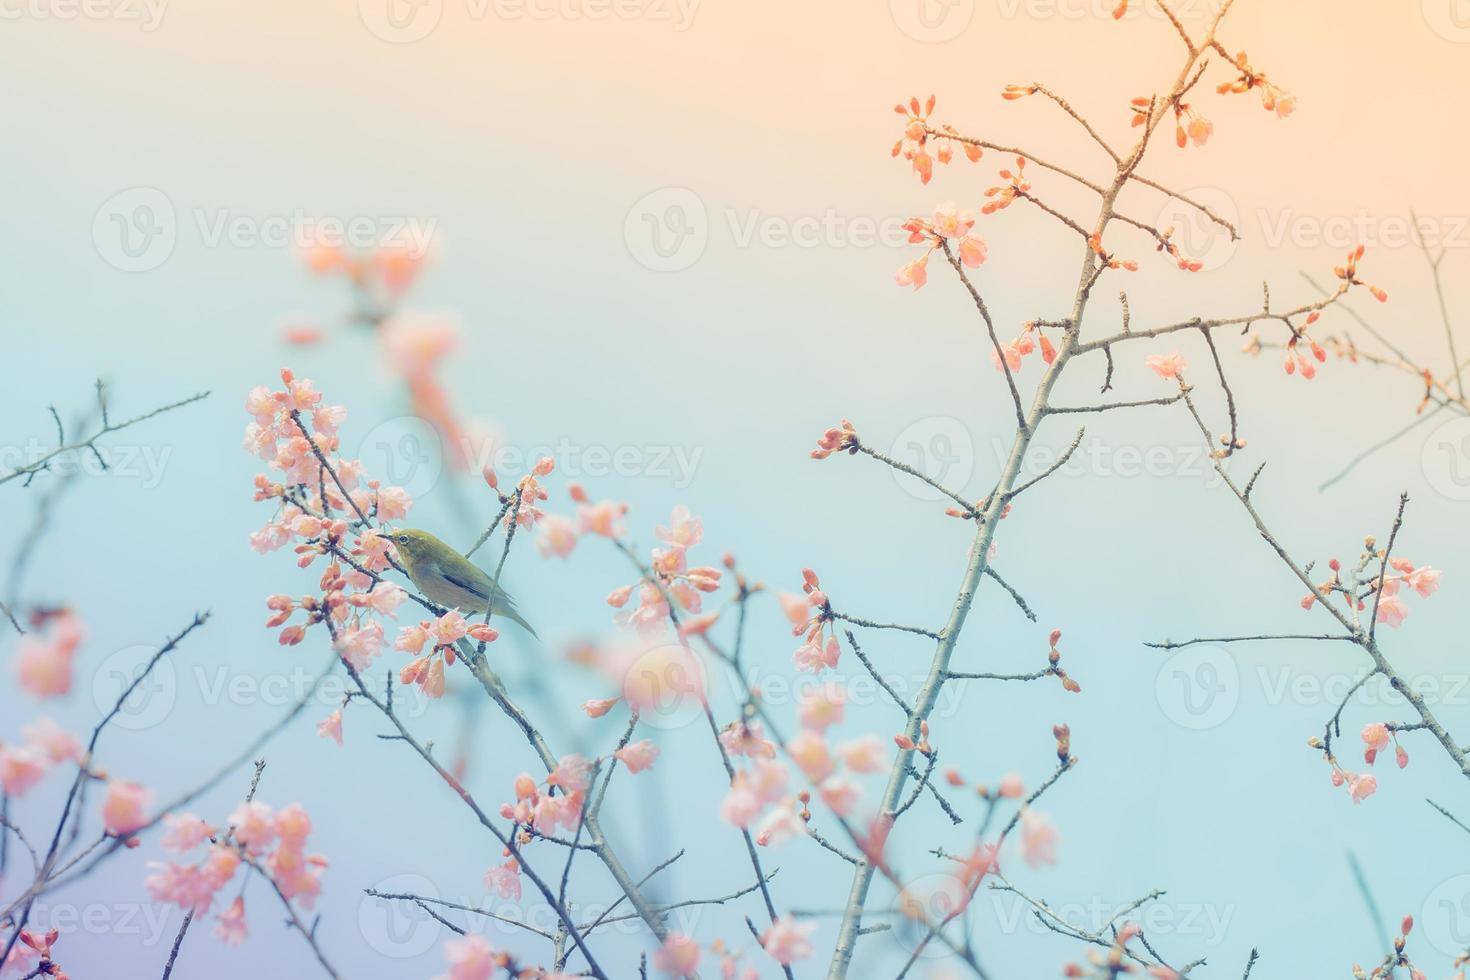 kersenbloesems met een vogel met witte ogen foto